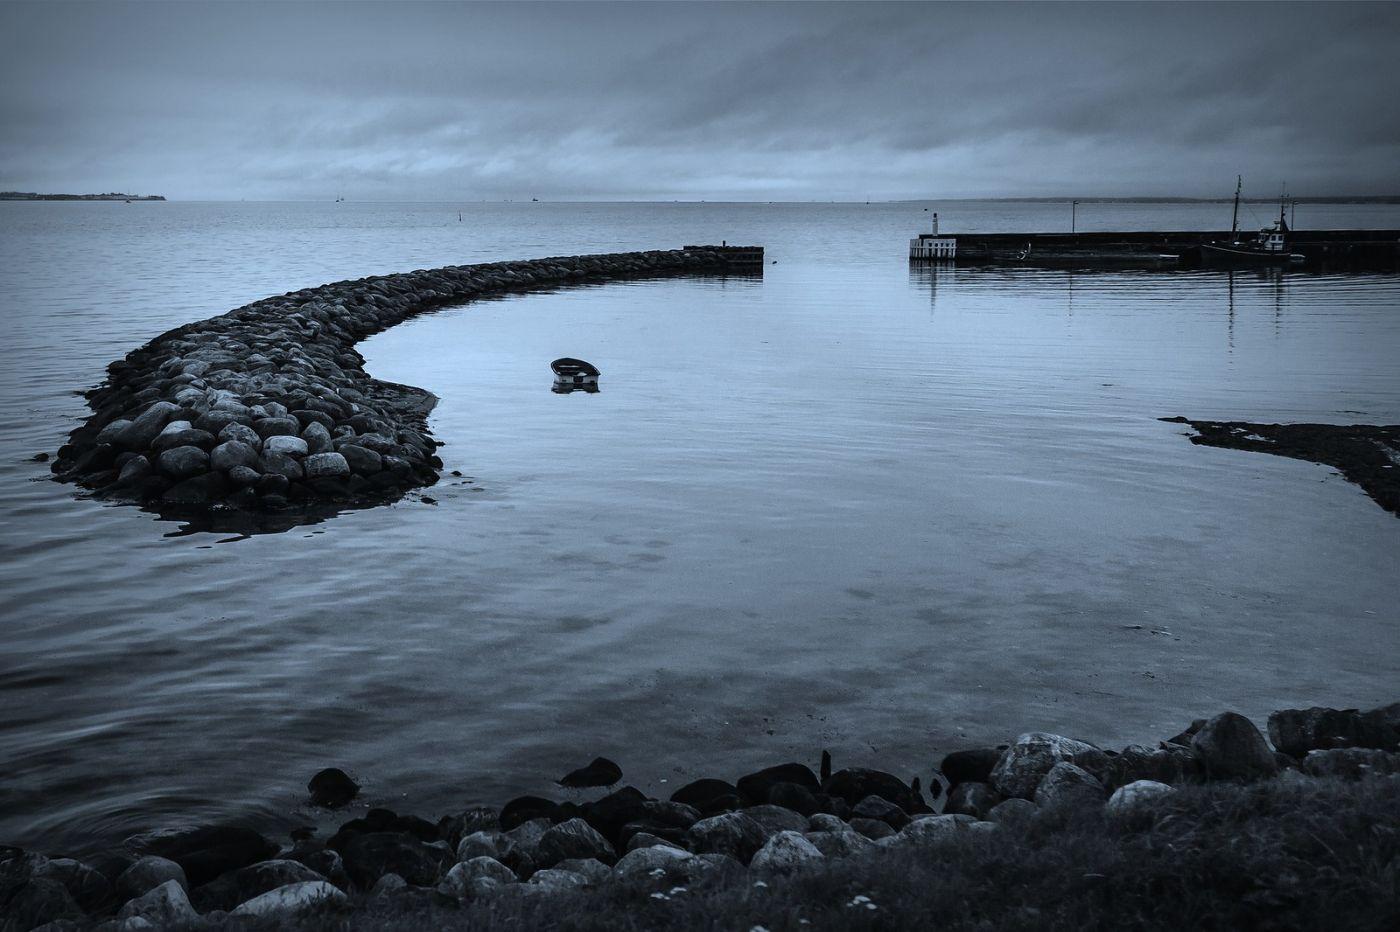 丹麦哥本哈根,坐船看市景_图1-9